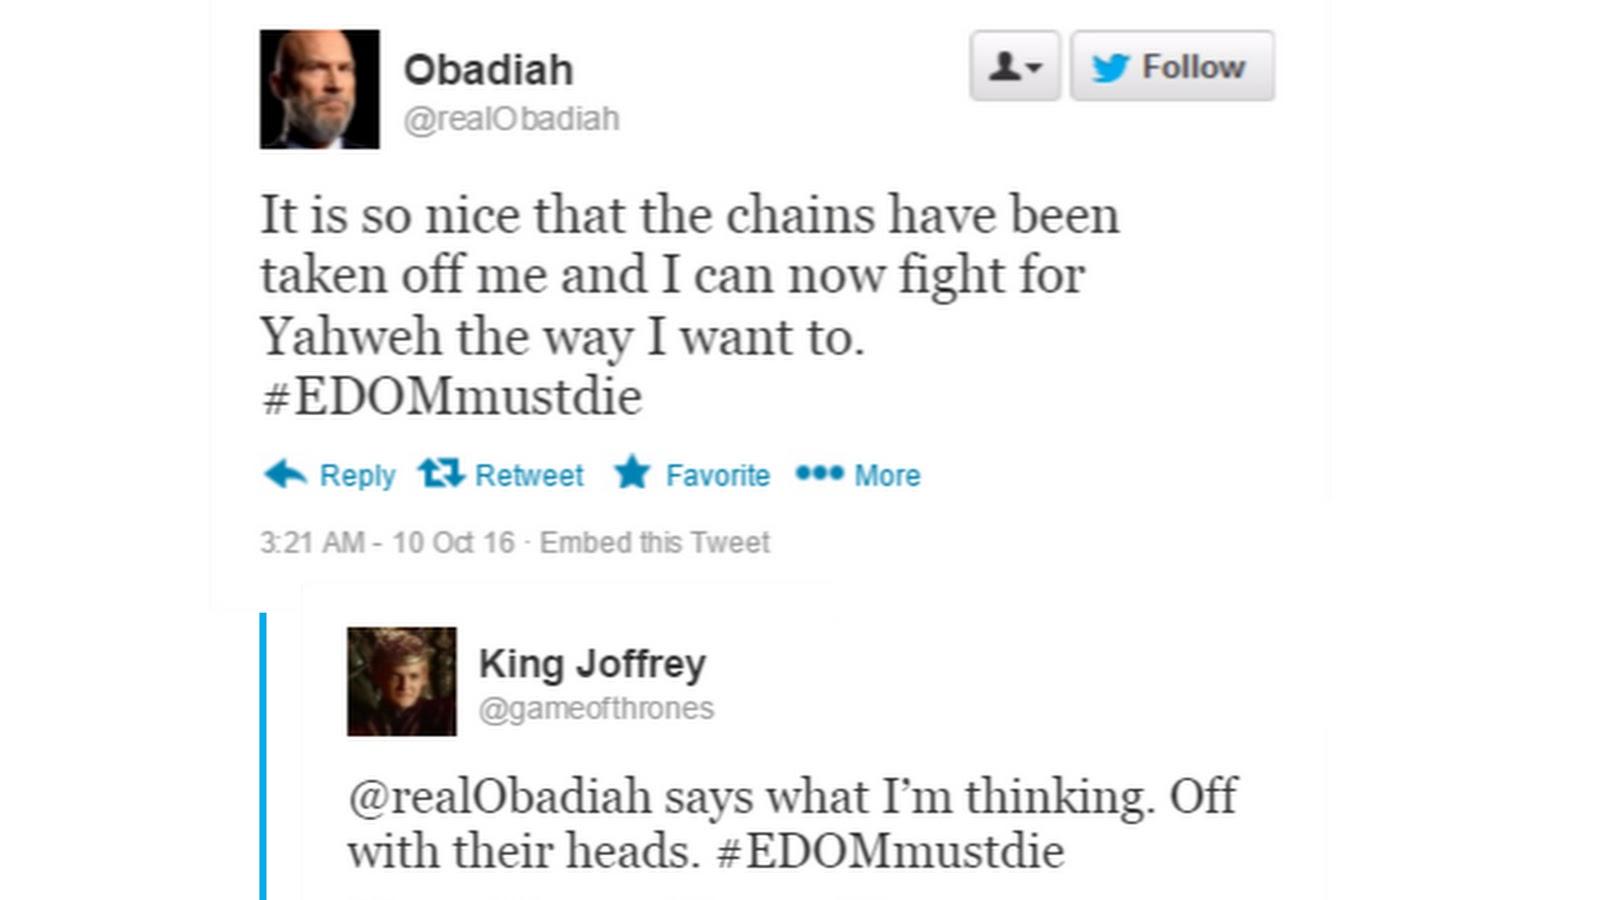 realObadiah Tweet 1.jpg